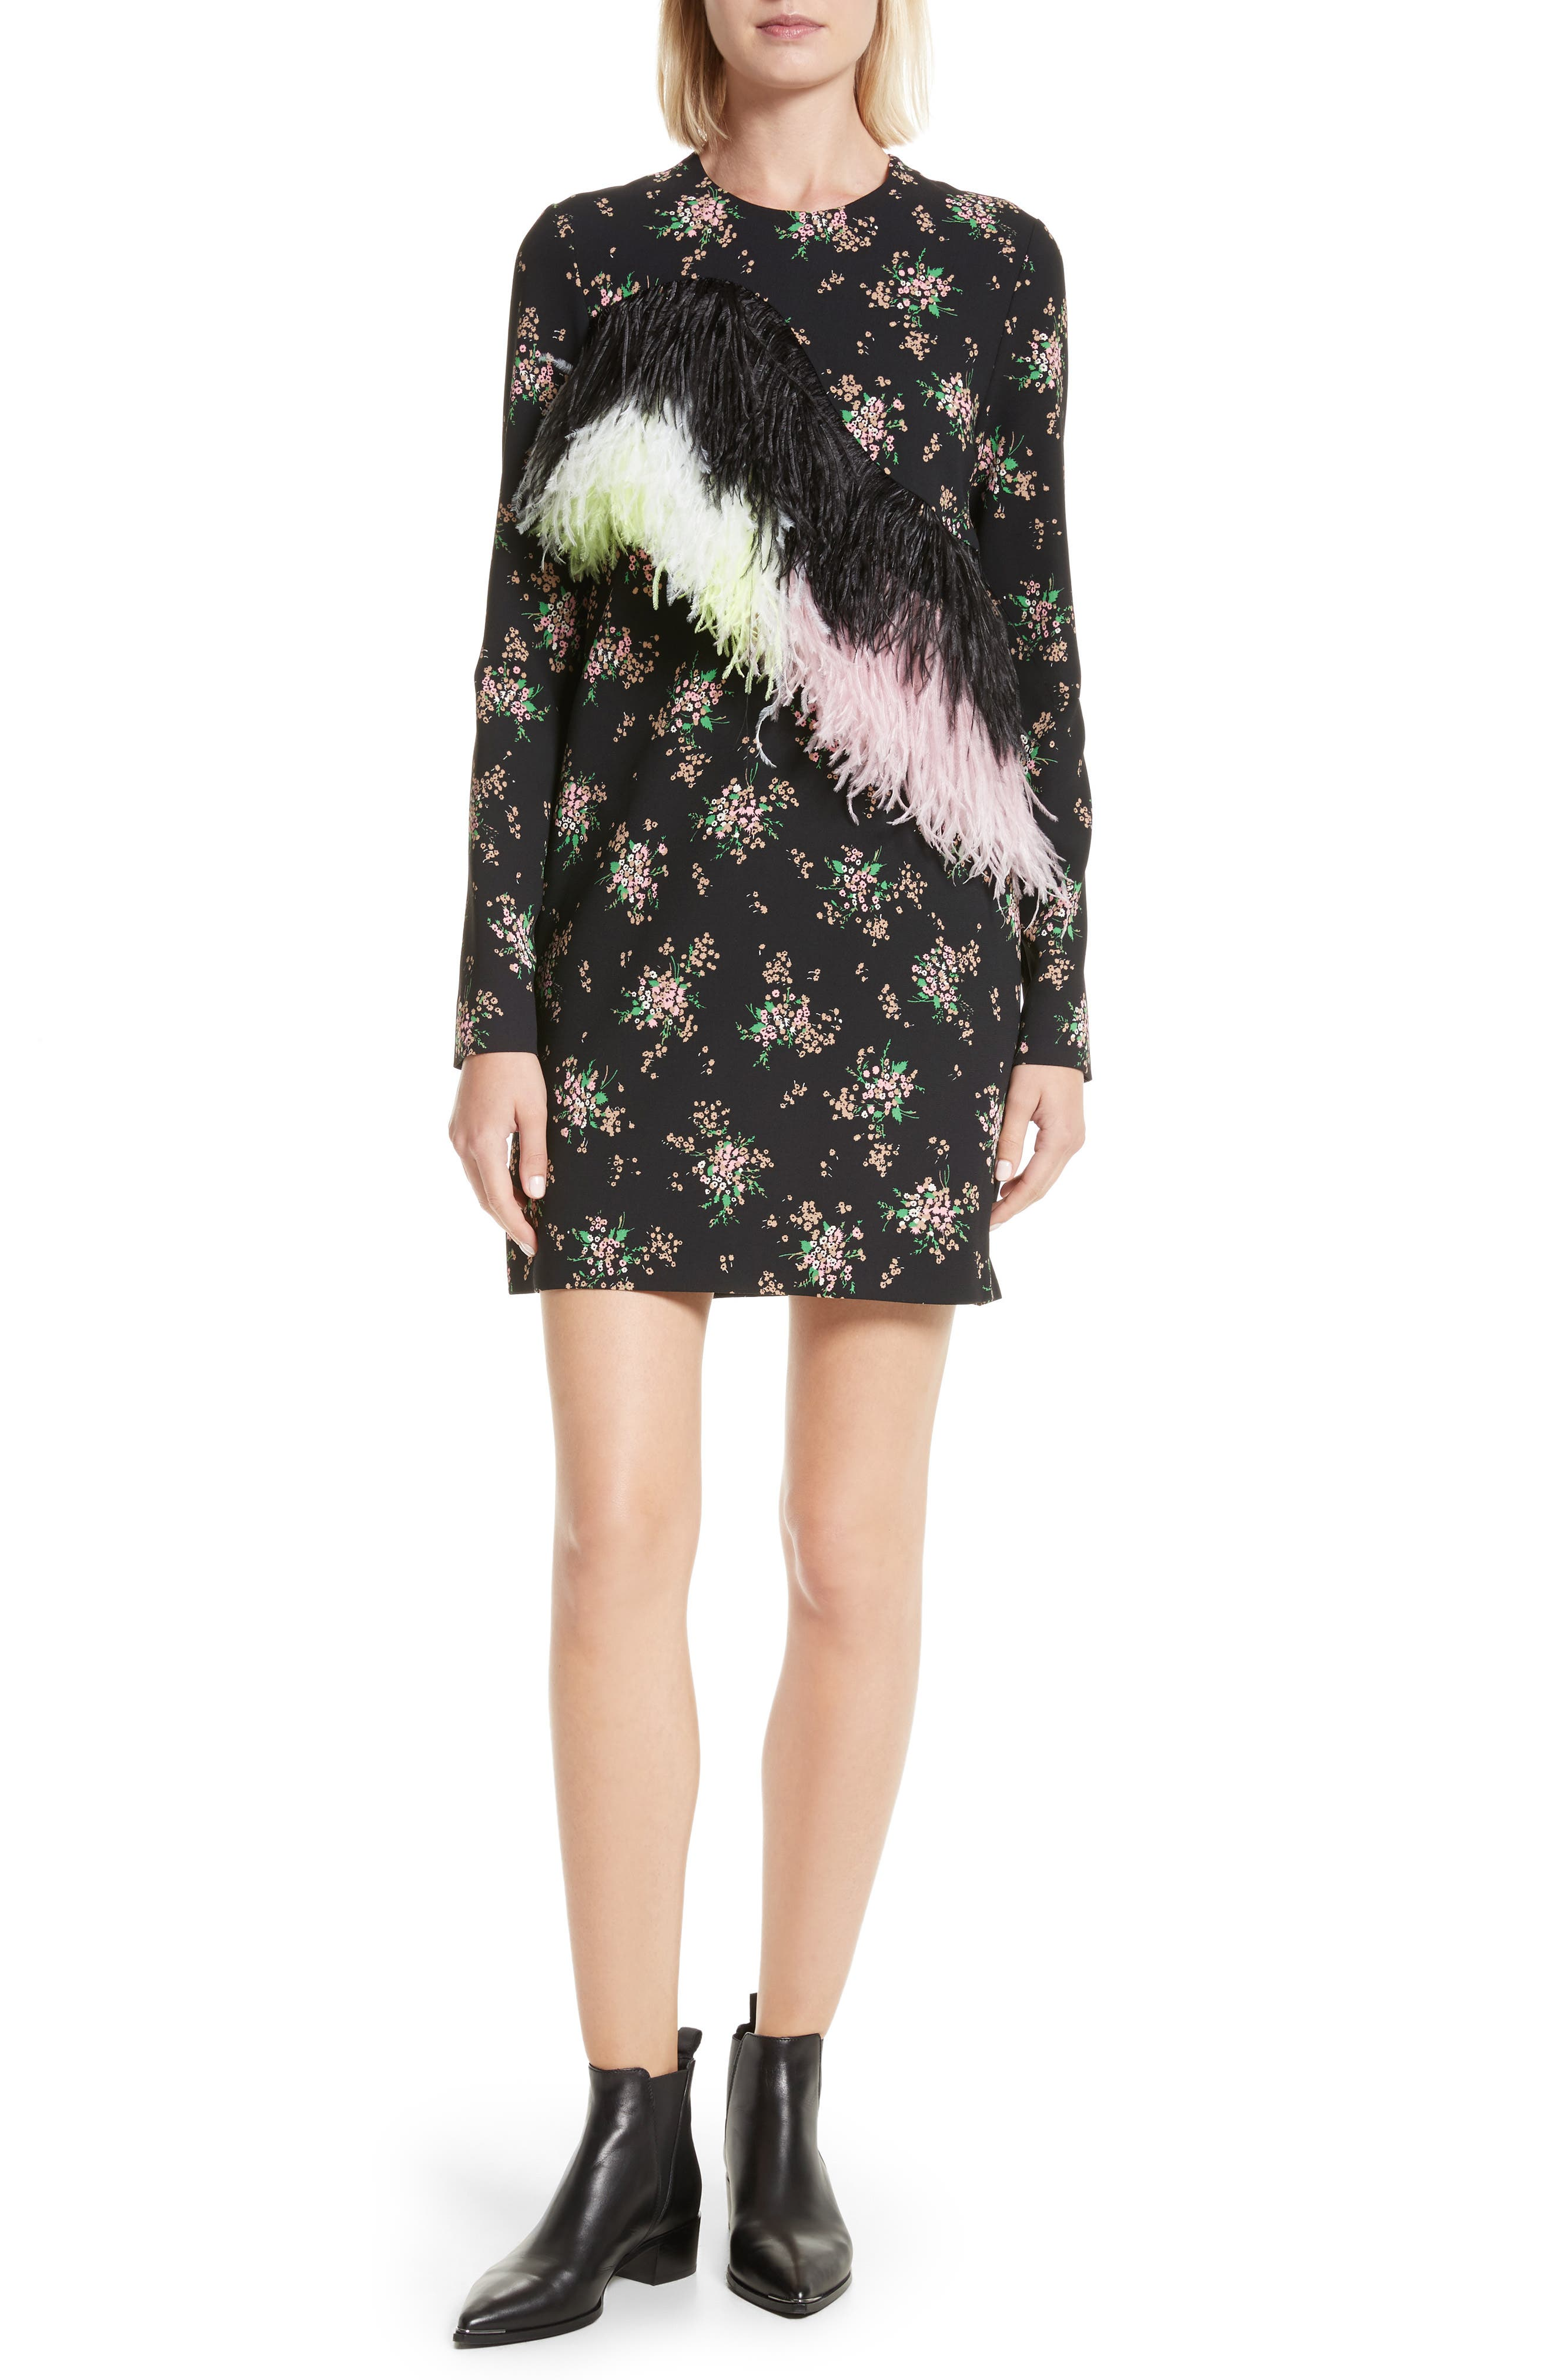 Ostrich Feather Trim Floral Print Dress,                             Main thumbnail 1, color,                             001